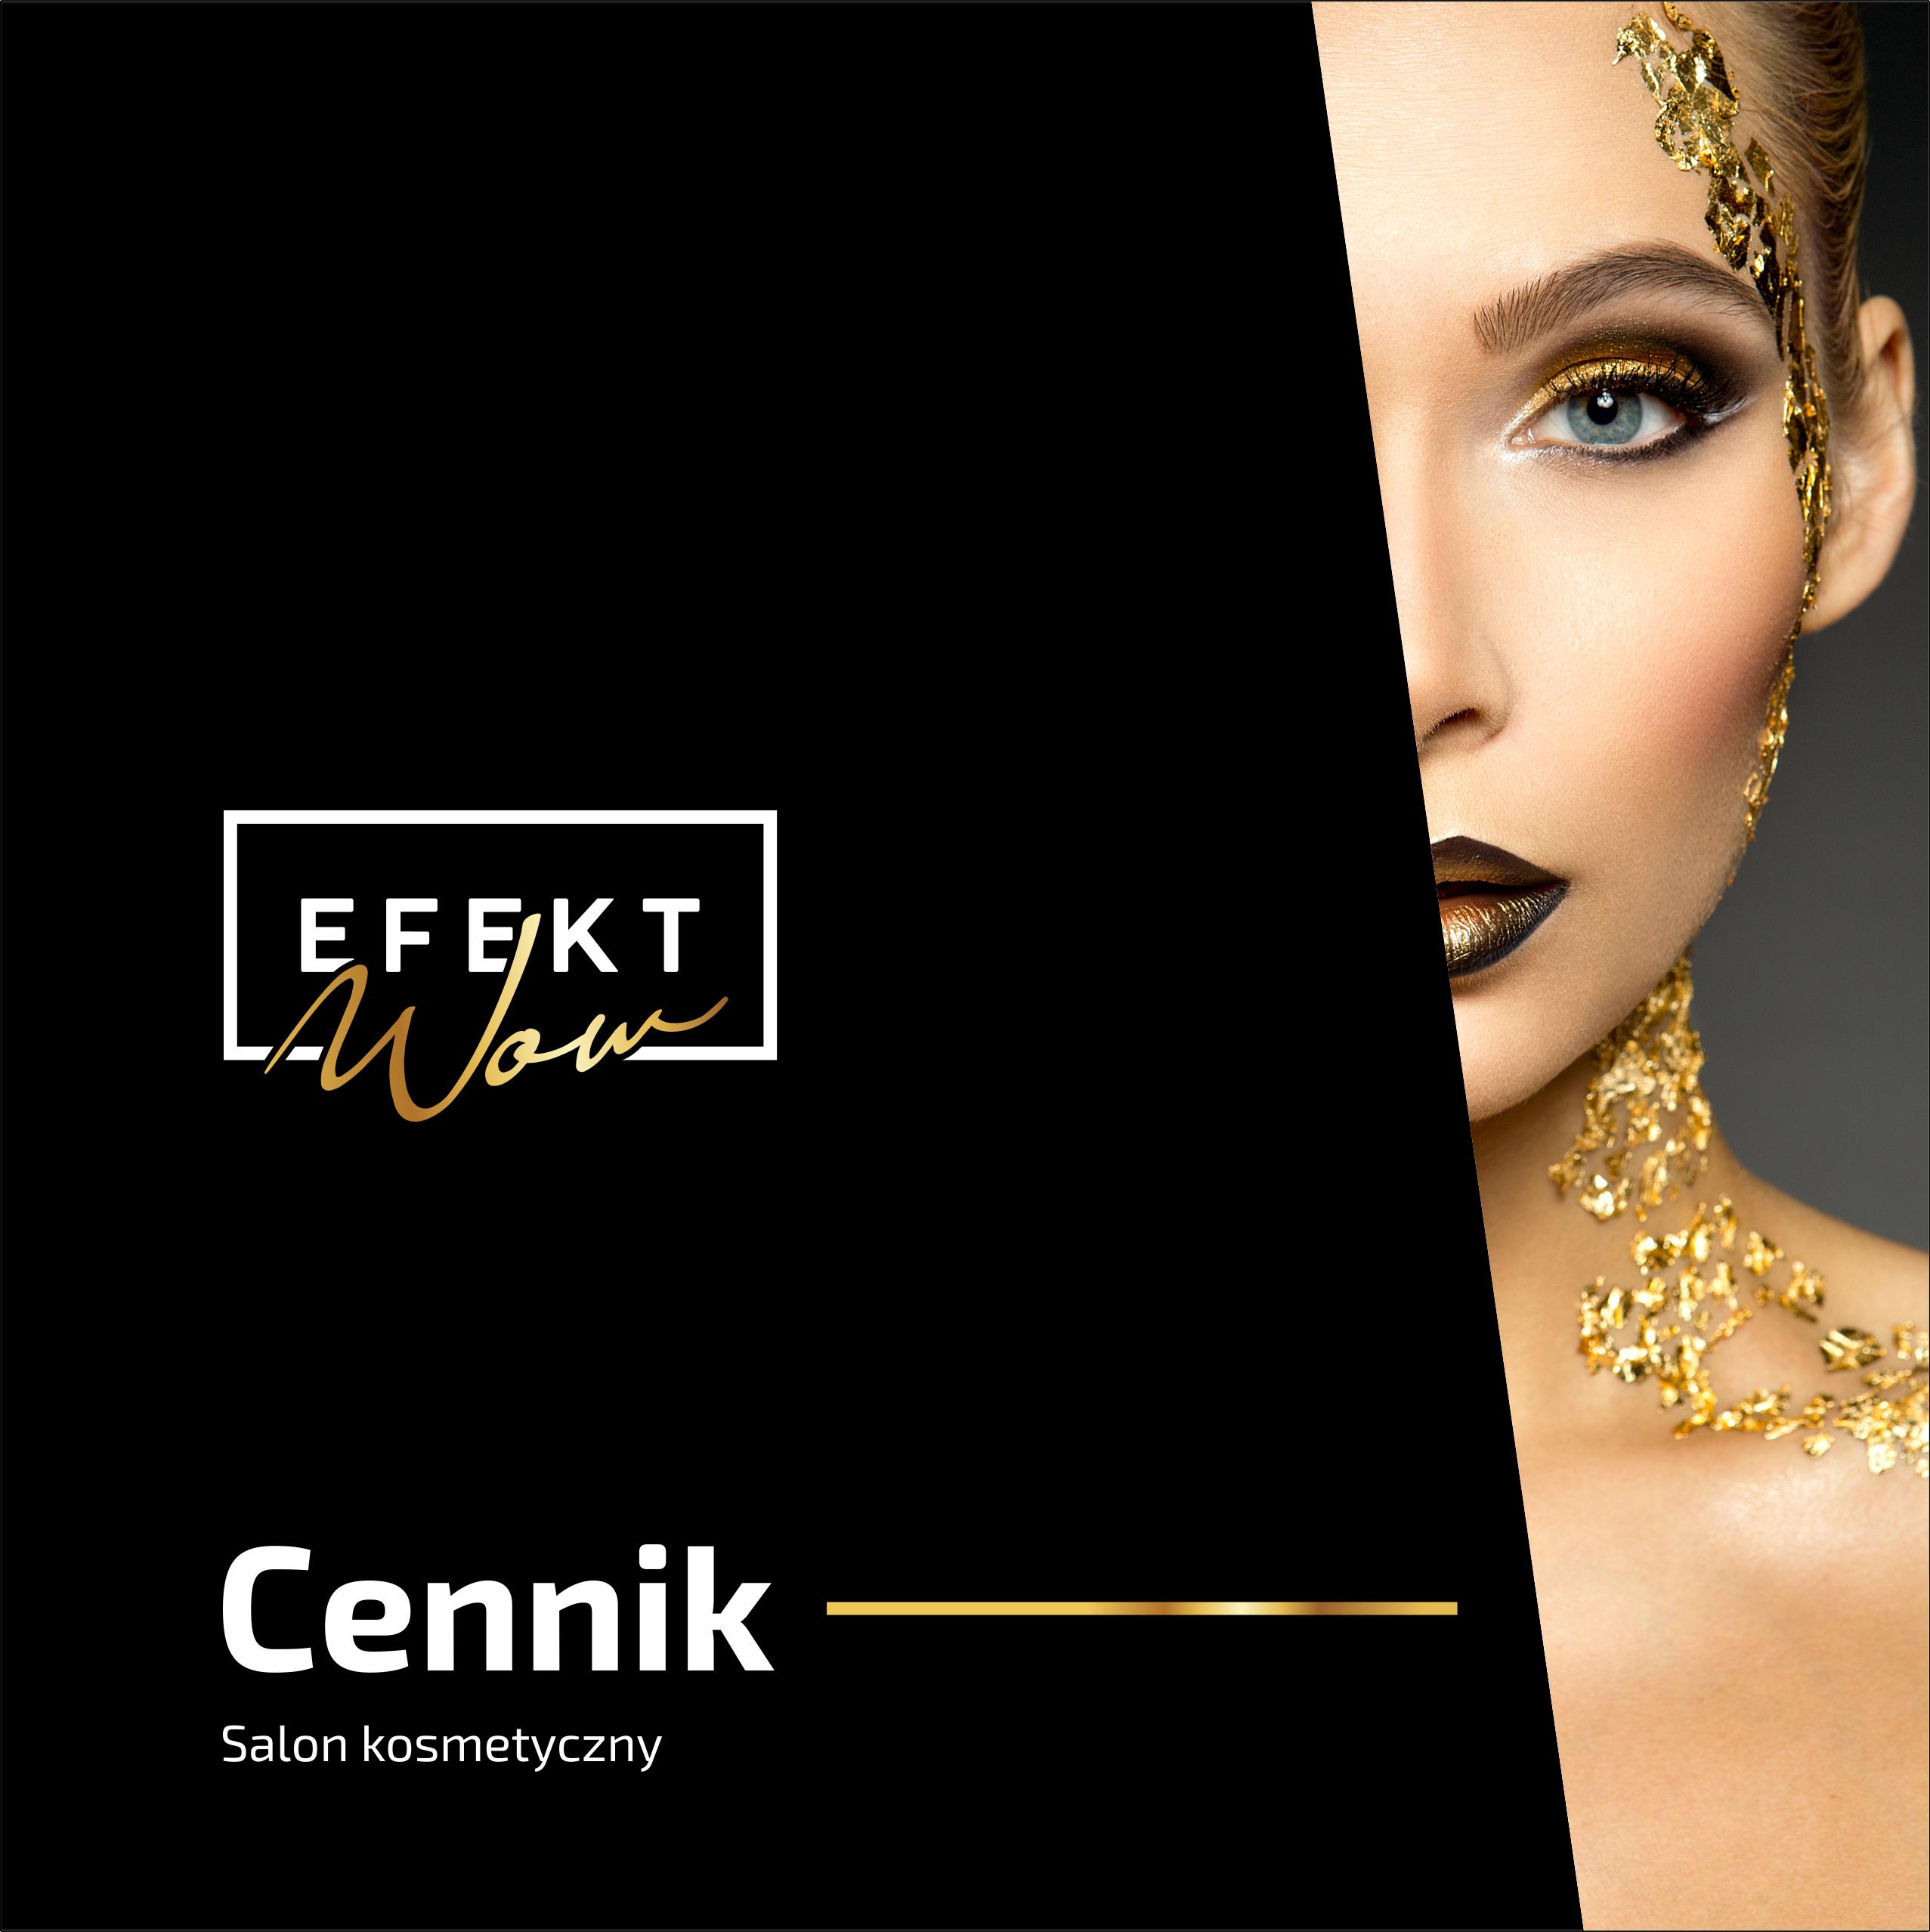 Salon Kosmetyczny Efekt WOW (Bielsko-Biała) - Cennik Usług 1